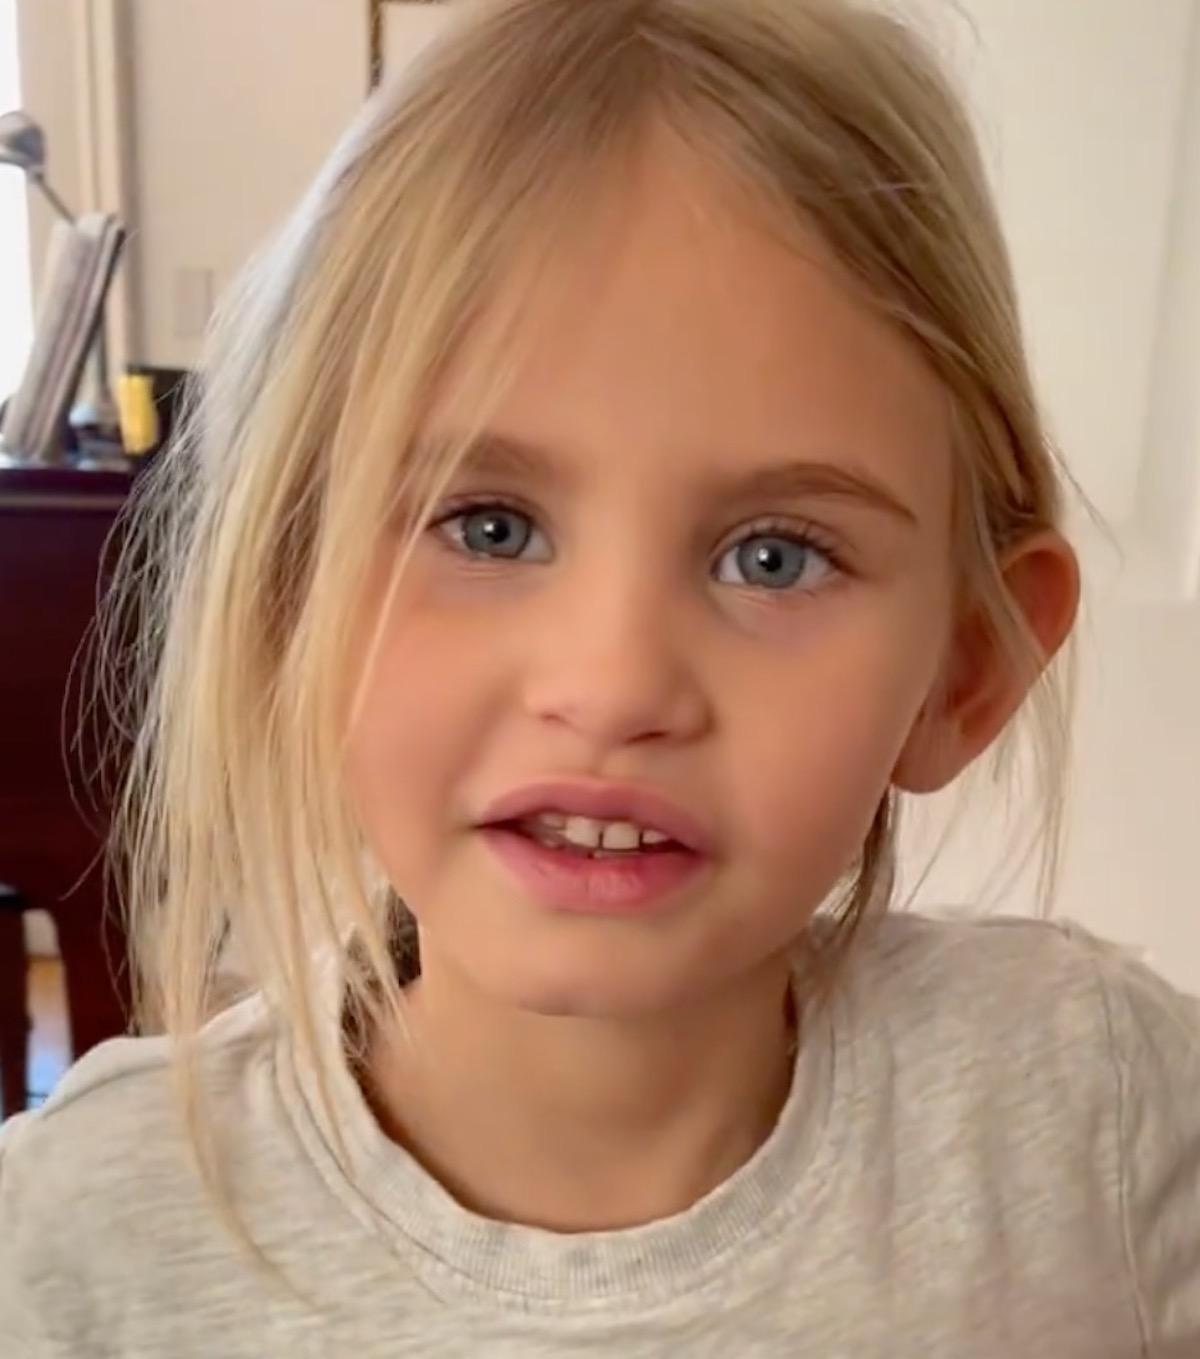 Bianca Balti figlia mia